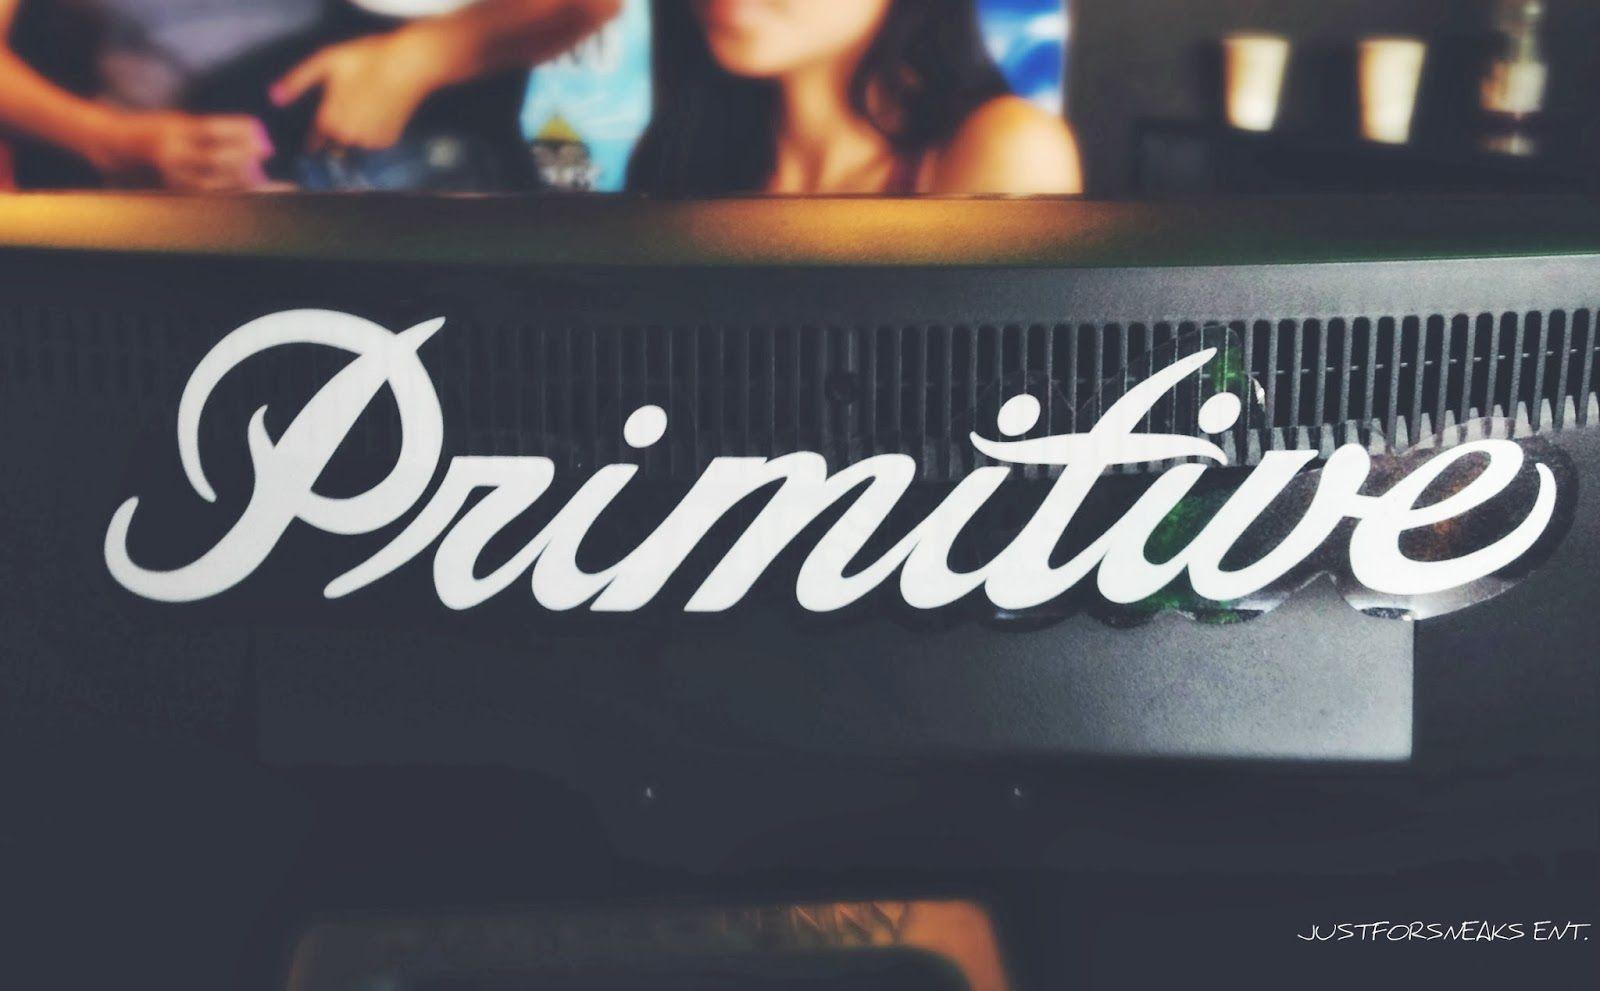 Primitive Skate Wallpaper Www Pixshark Com Images Wallpaper Band Shirts Company Logo